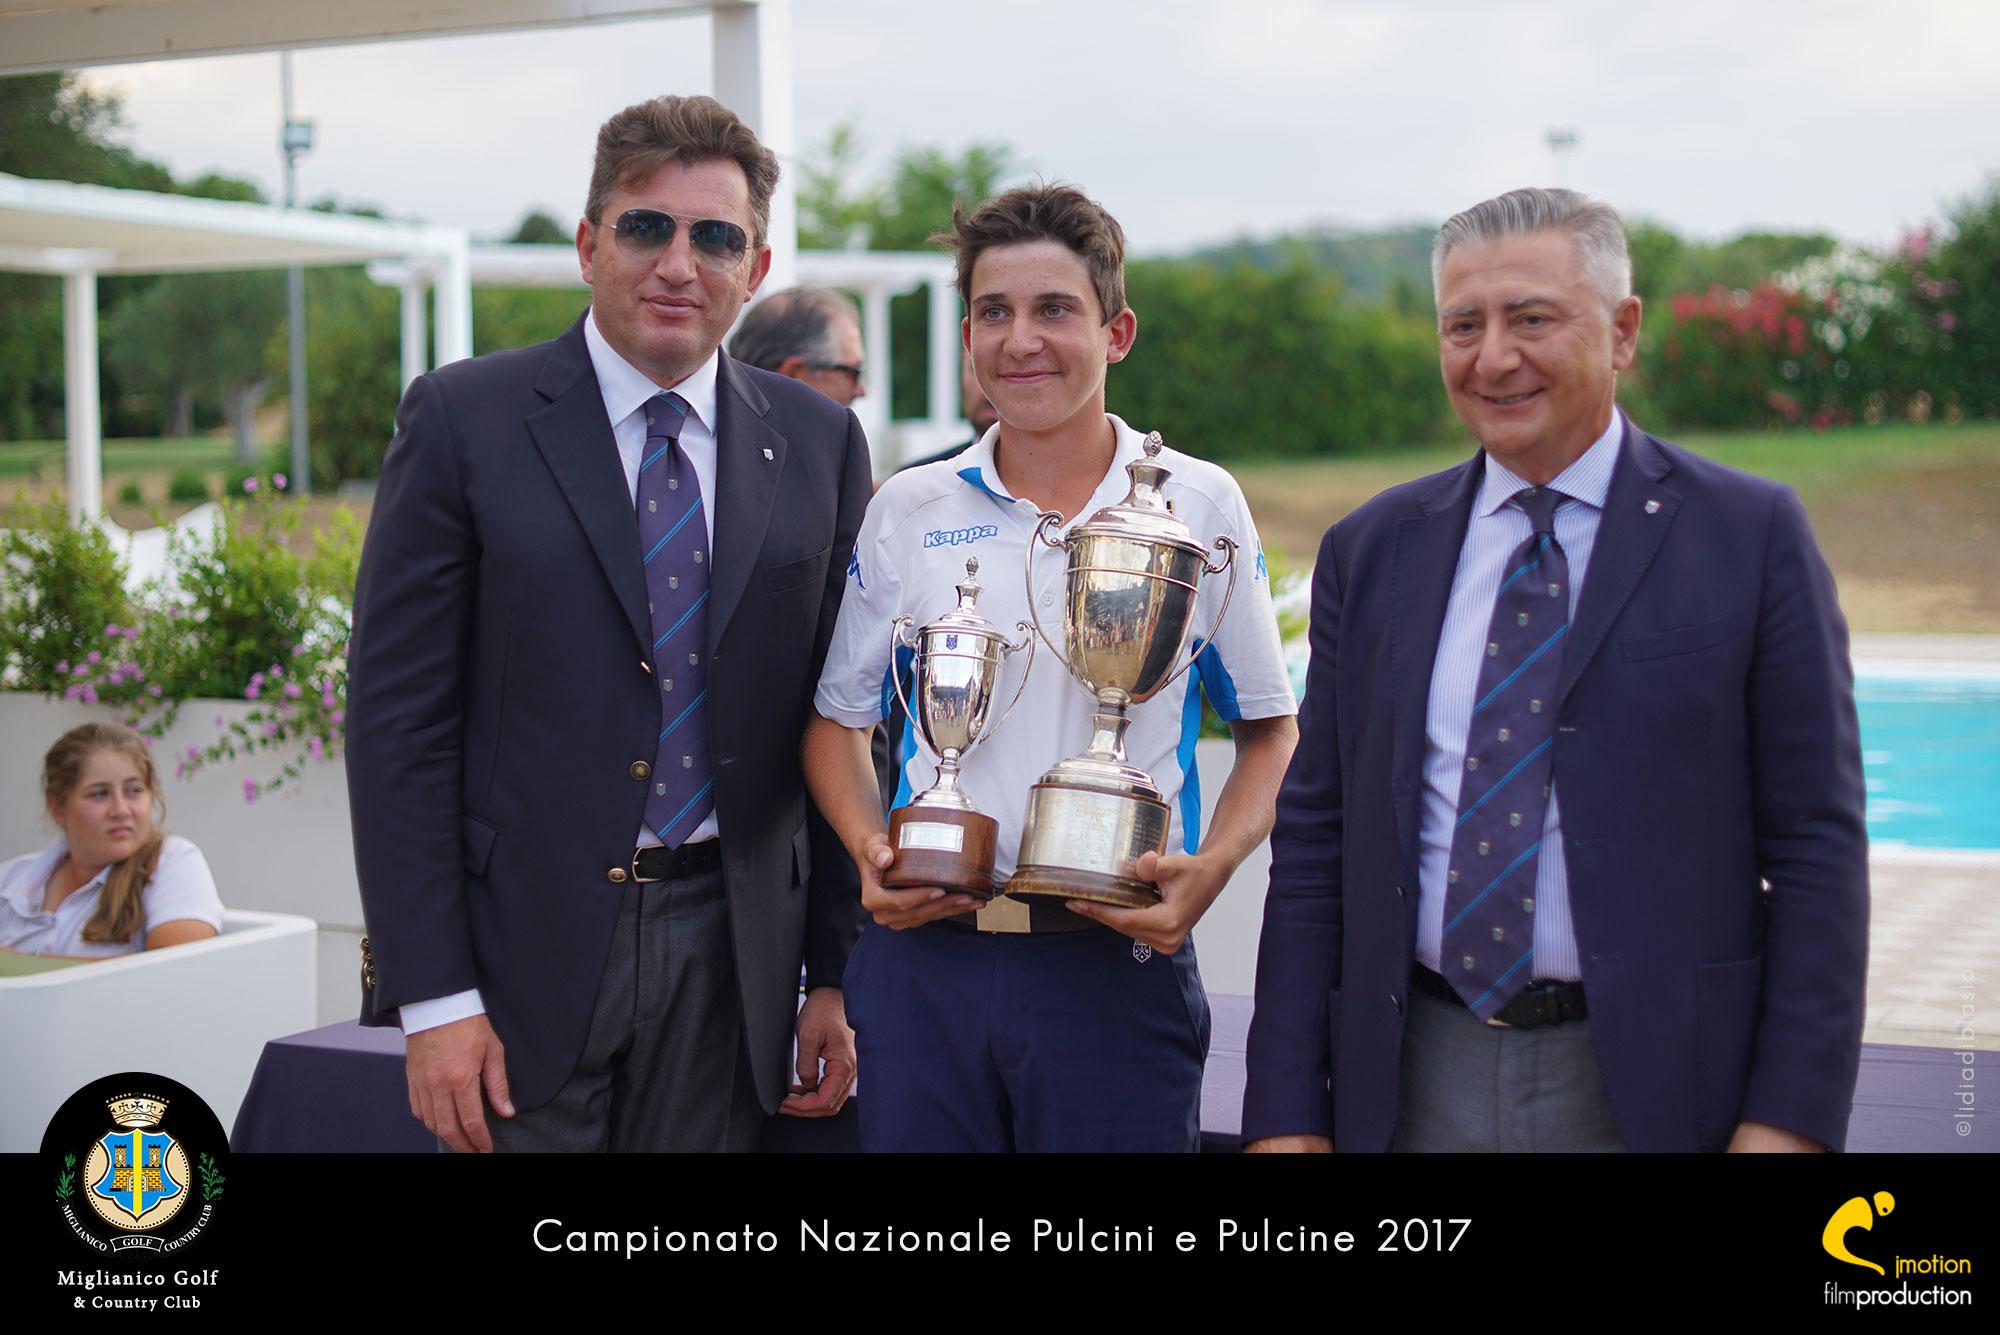 Miglianico Golf Campionato Nazionale Pulcini e Pulcine 2017